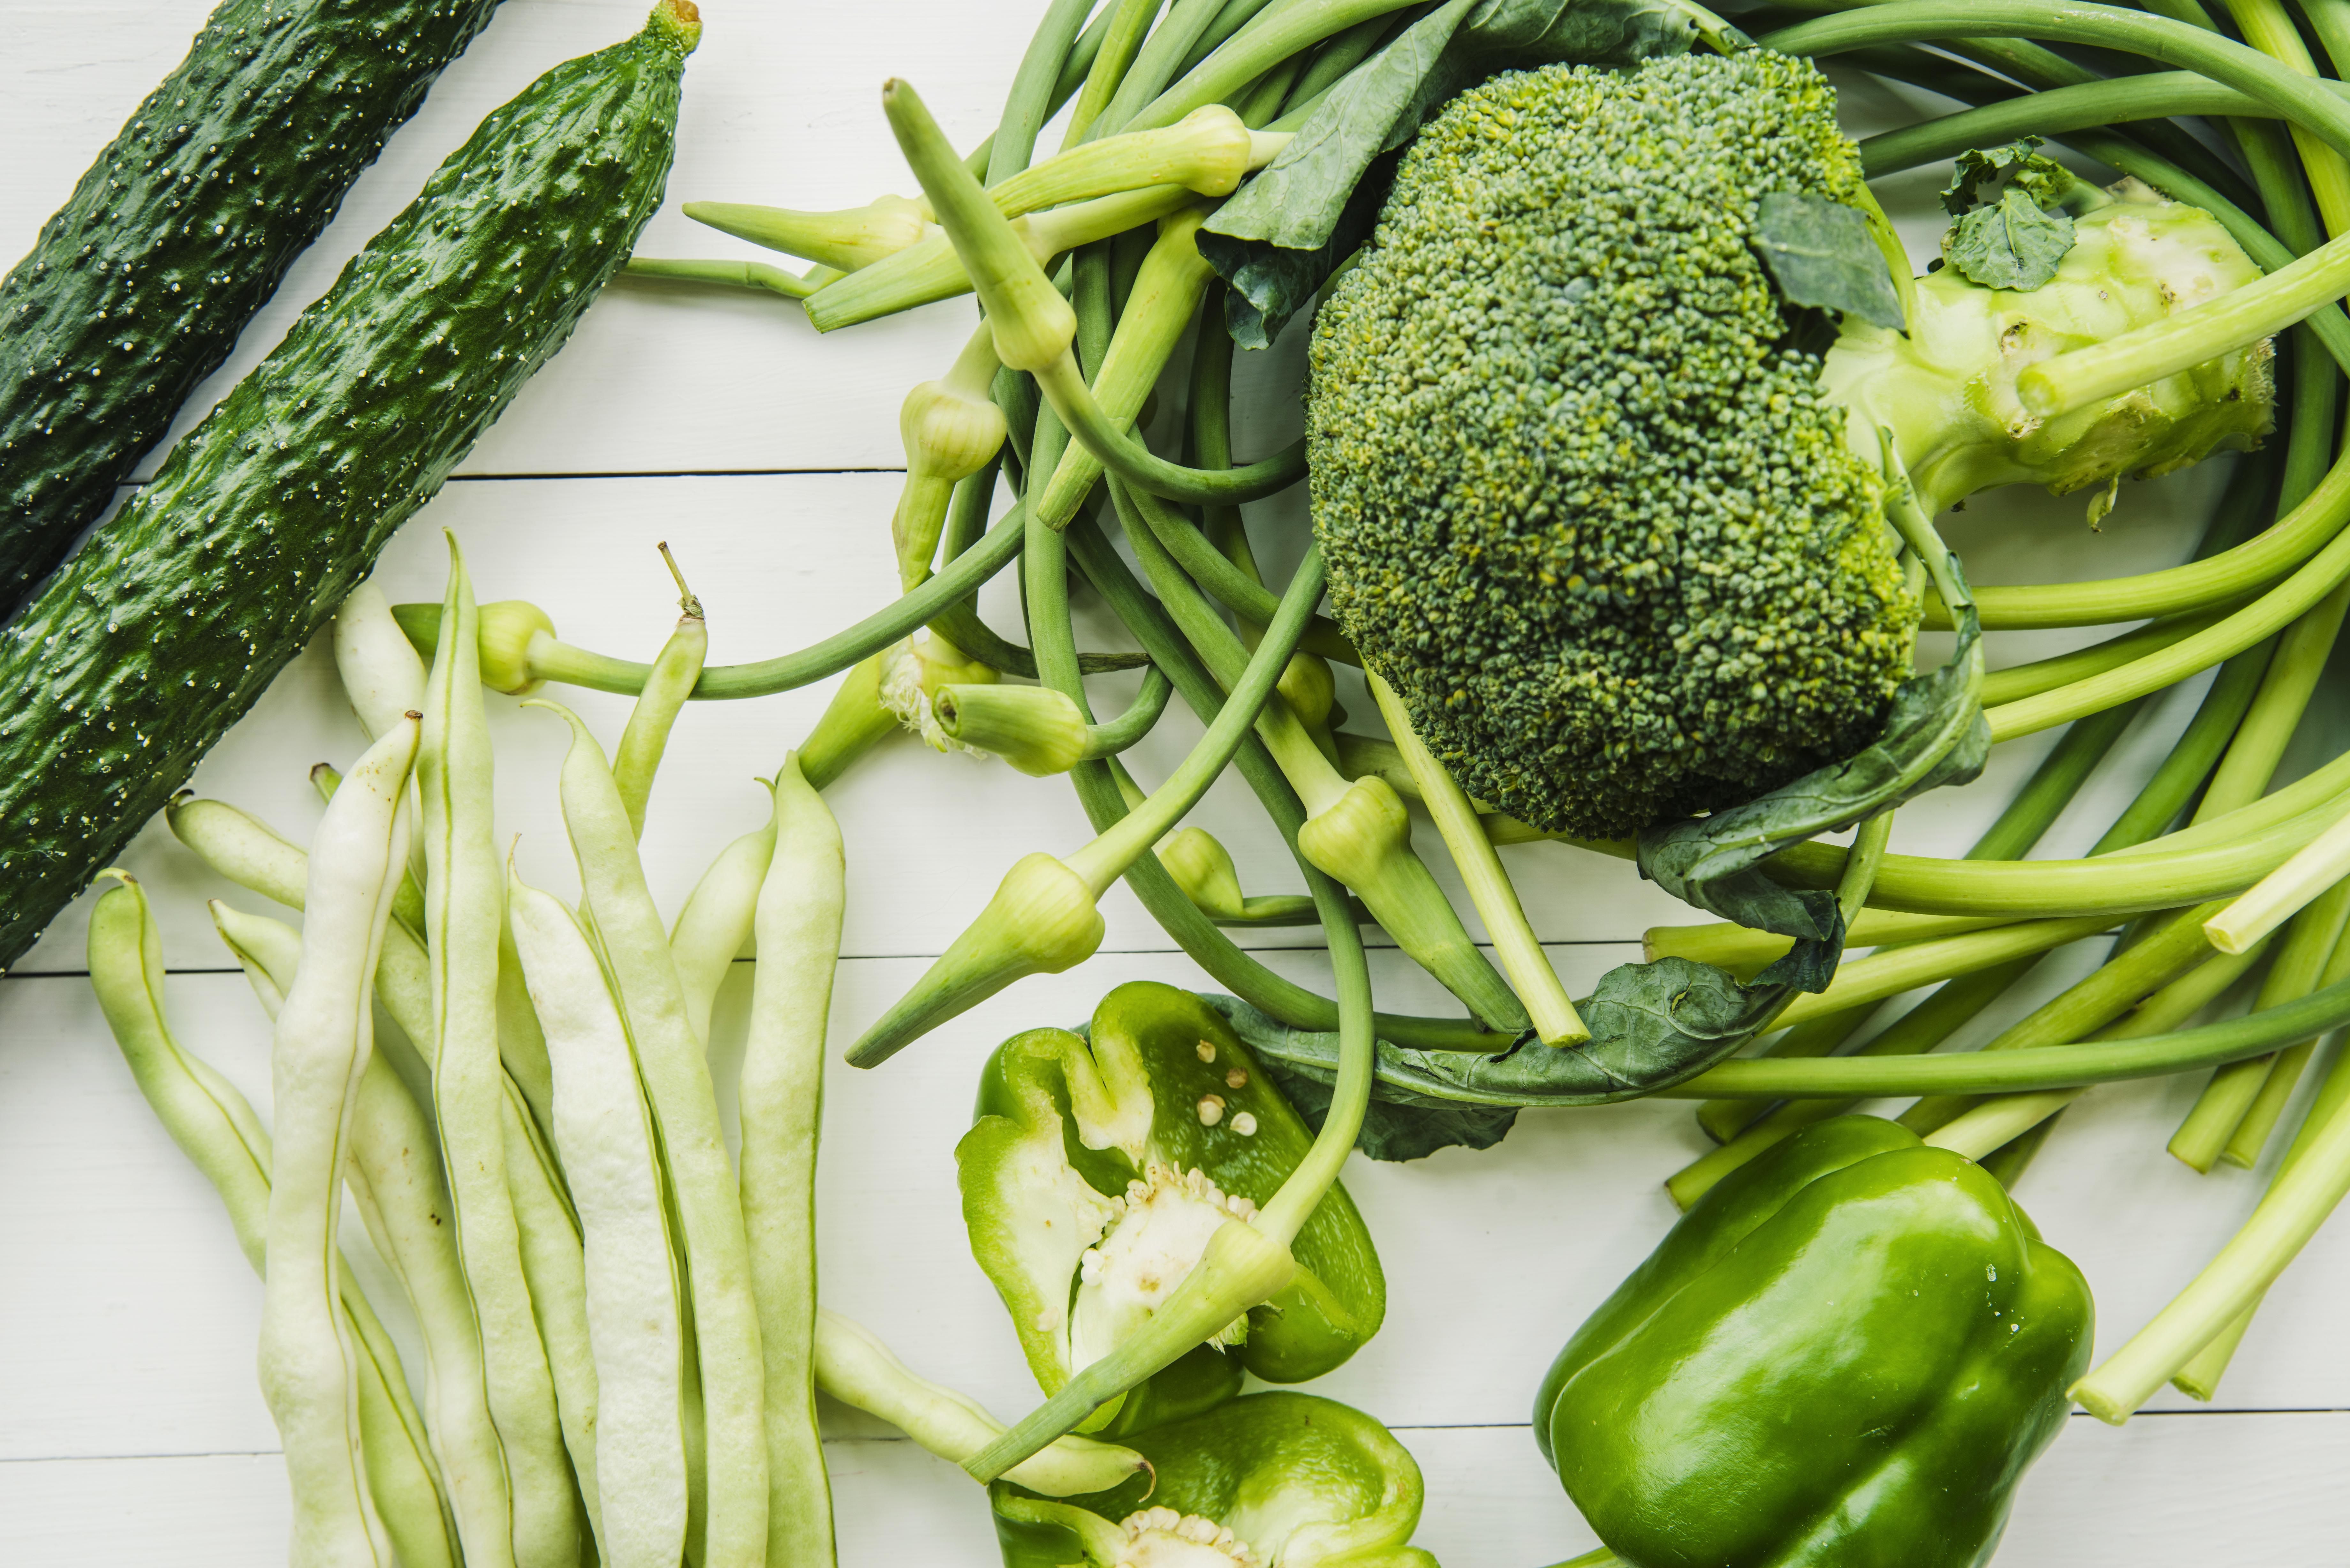 grünes Gemüse, Brokoli, Bohnen, Gurke